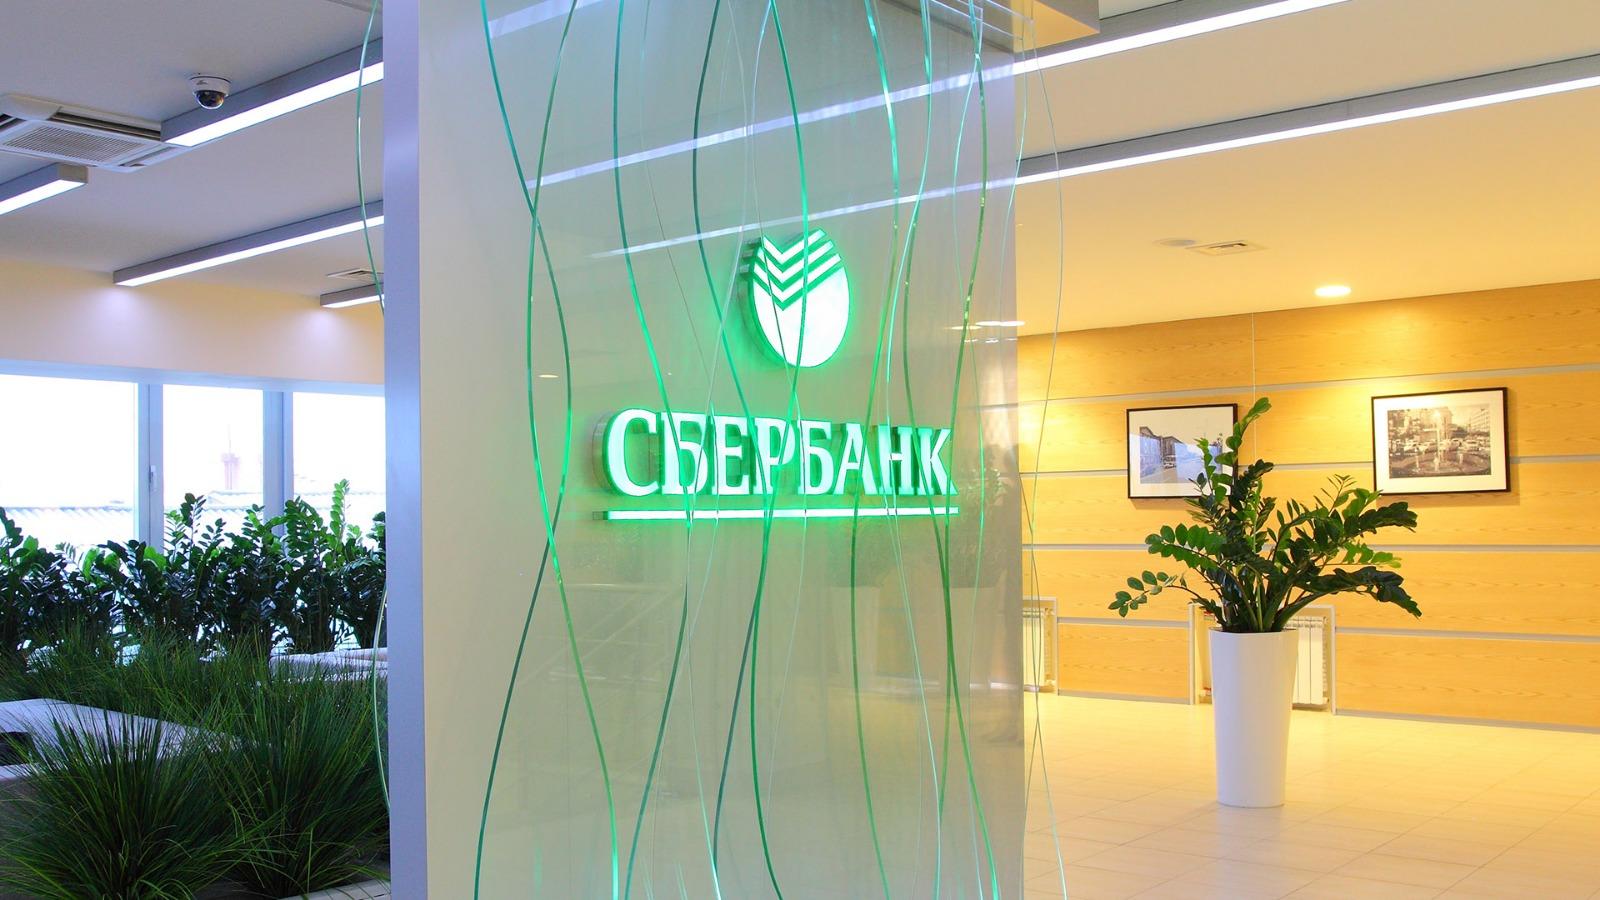 До какого числа нужно купить акции Сбербанка, чтобы получить дивиденды в 2022 году